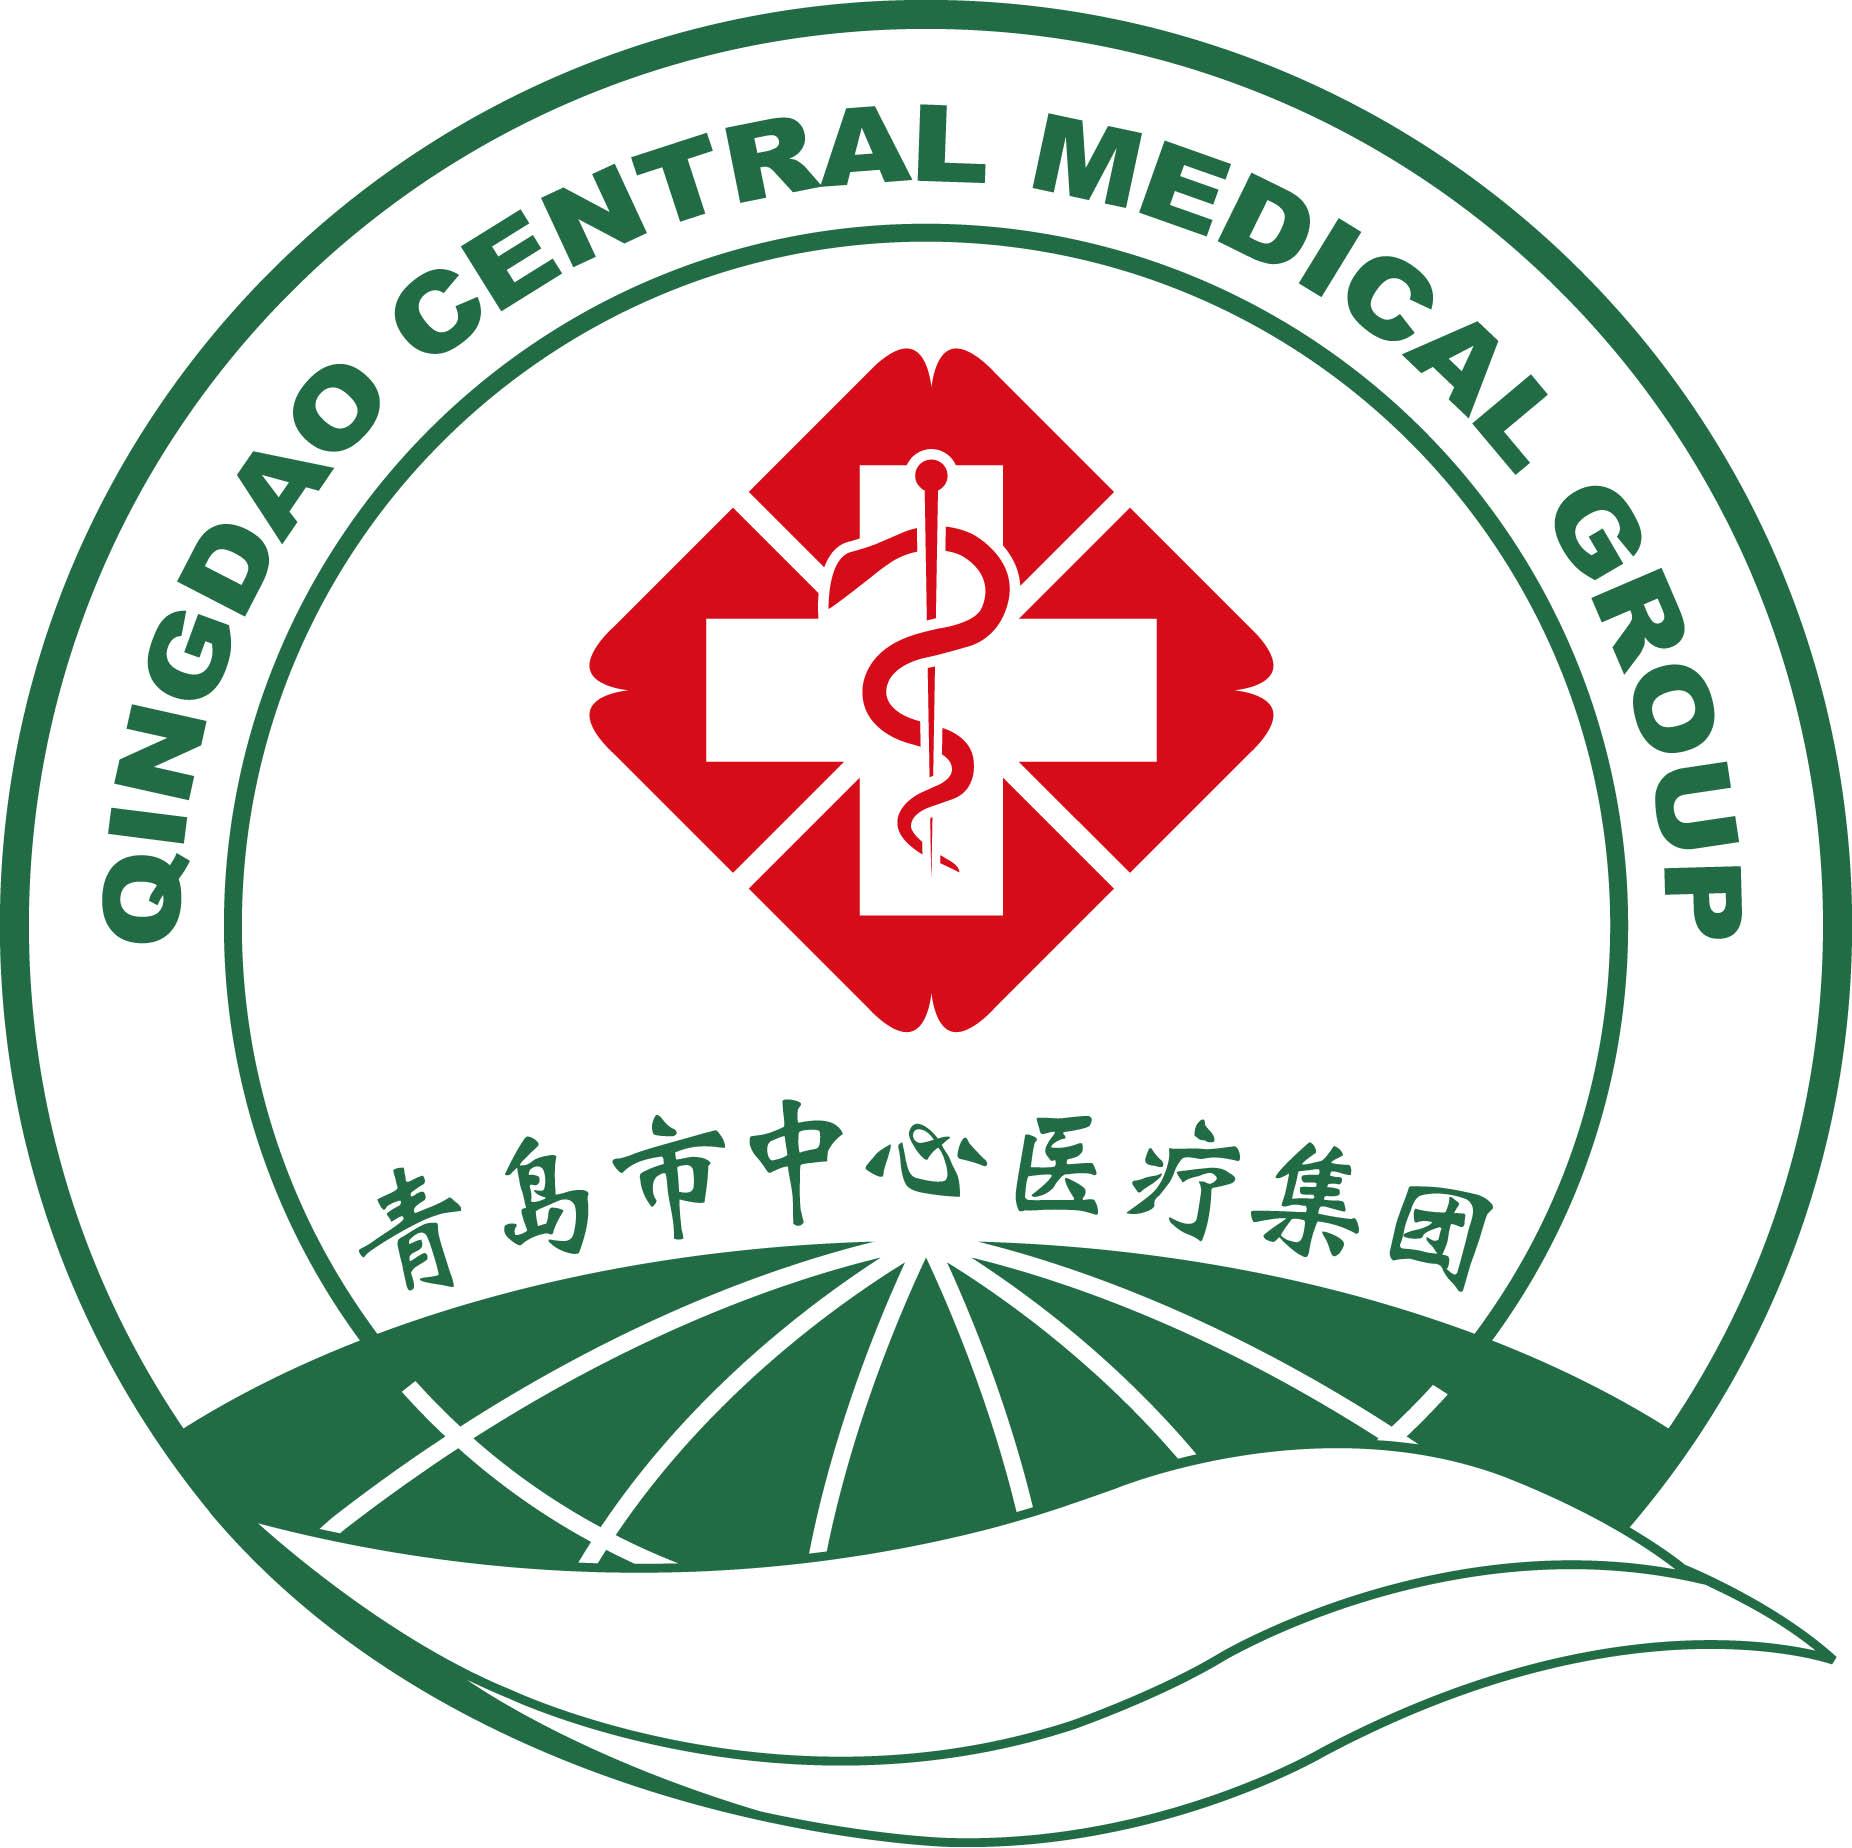 青岛市中心医院、青岛市肿瘤医院